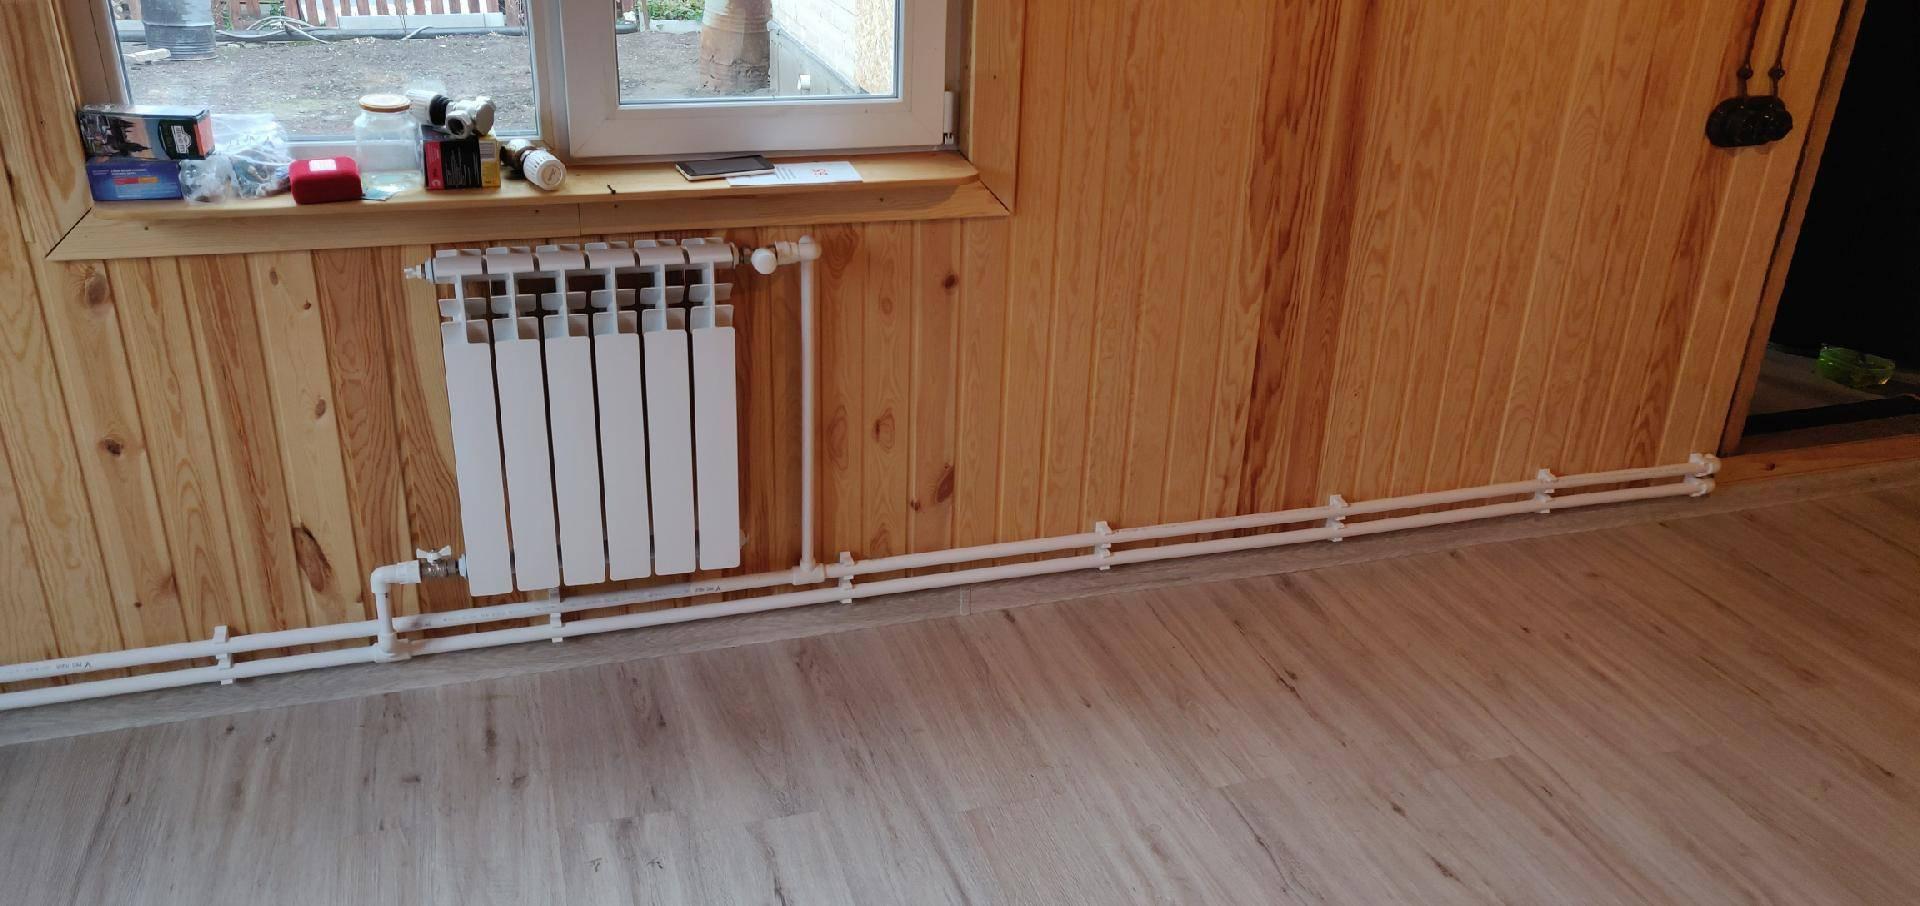 Отопление в частном доме из полипропиленовых труб своими руками: схемы